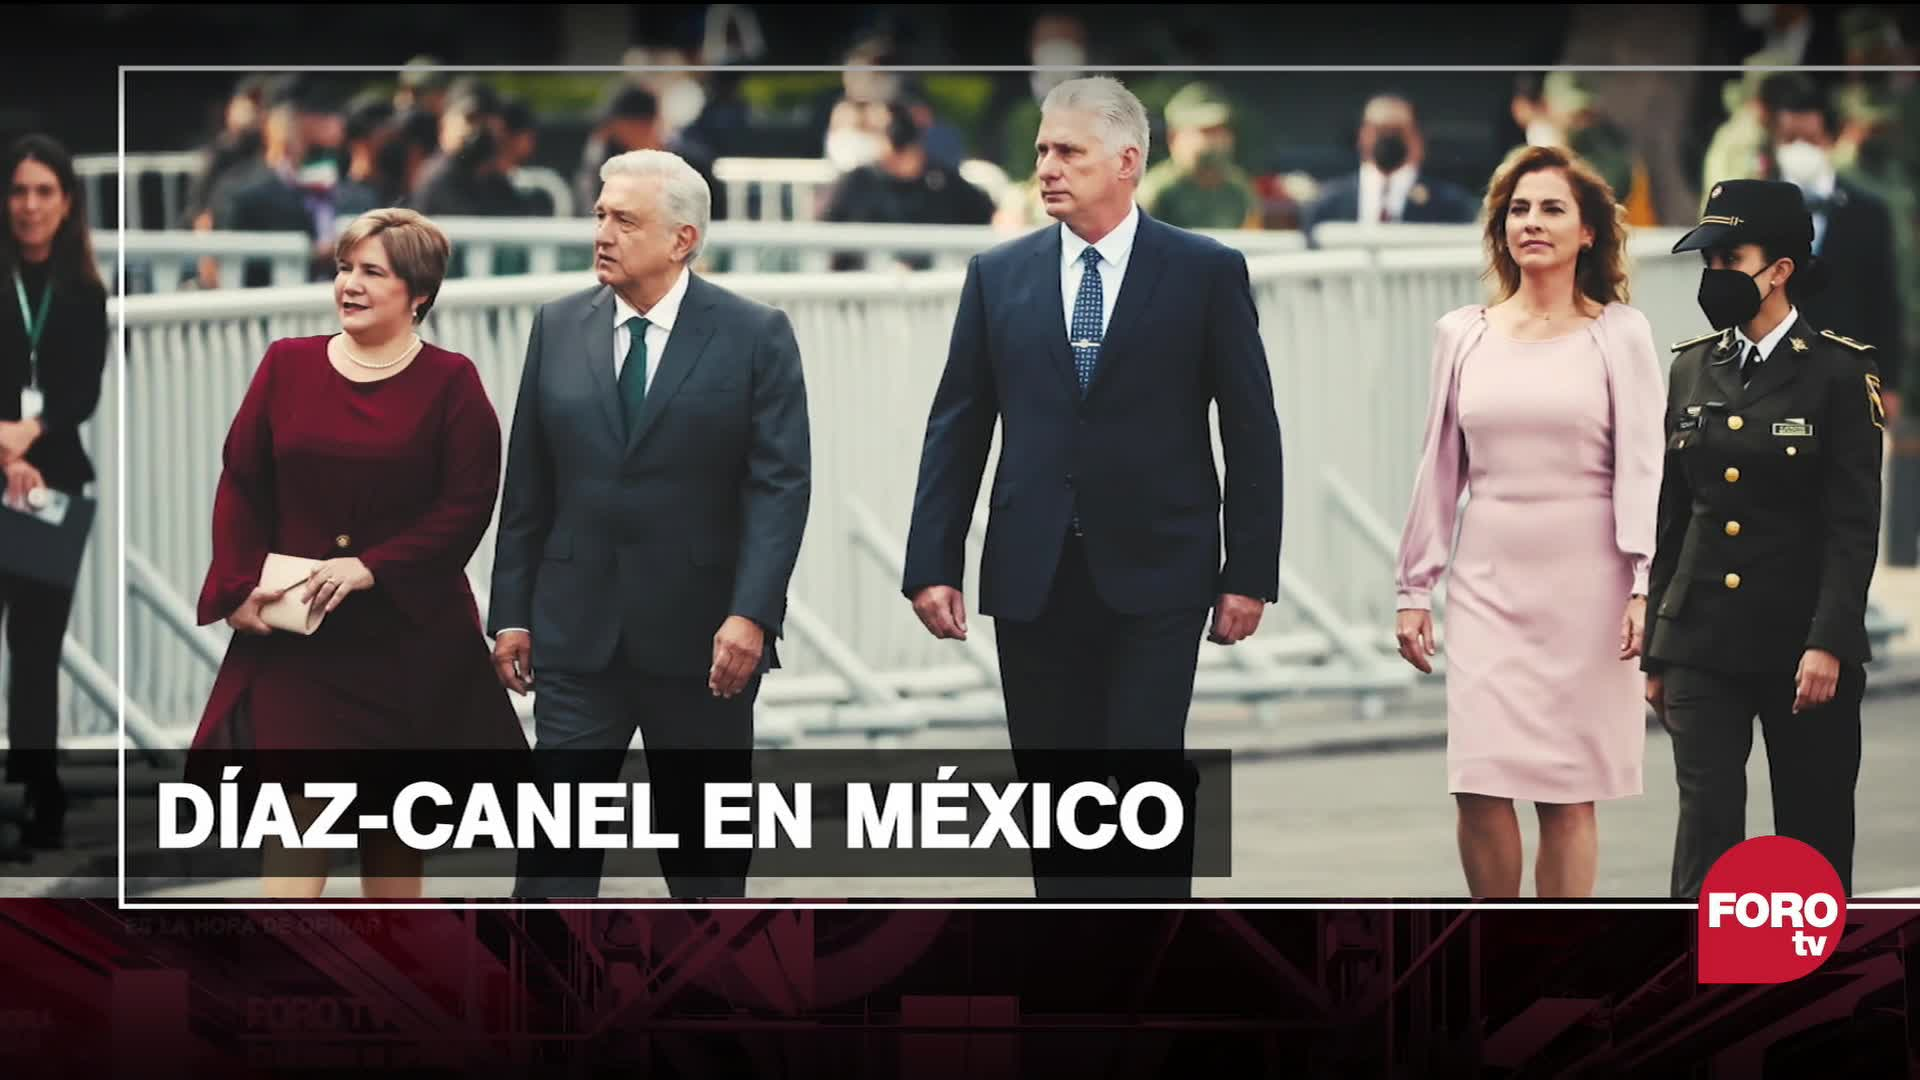 el mensaje que da mexico con la visita del presidente de cuba